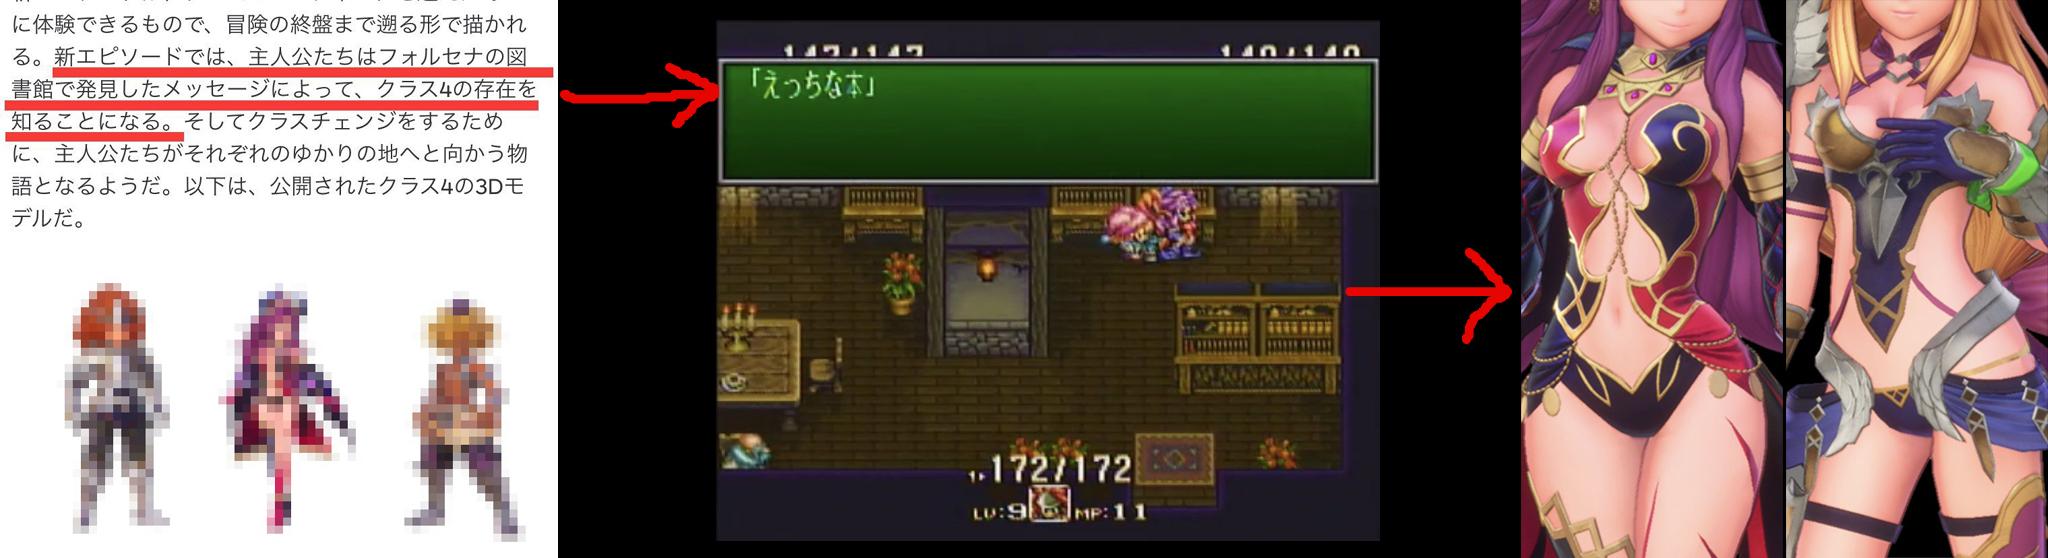 32 - フルリメイク版『聖剣伝説3』に強くてニューゲームキタ━━━━━━(゚∀゚)━━━━━━!!!!! これで俺TUEEEEEEが出来るな!!!